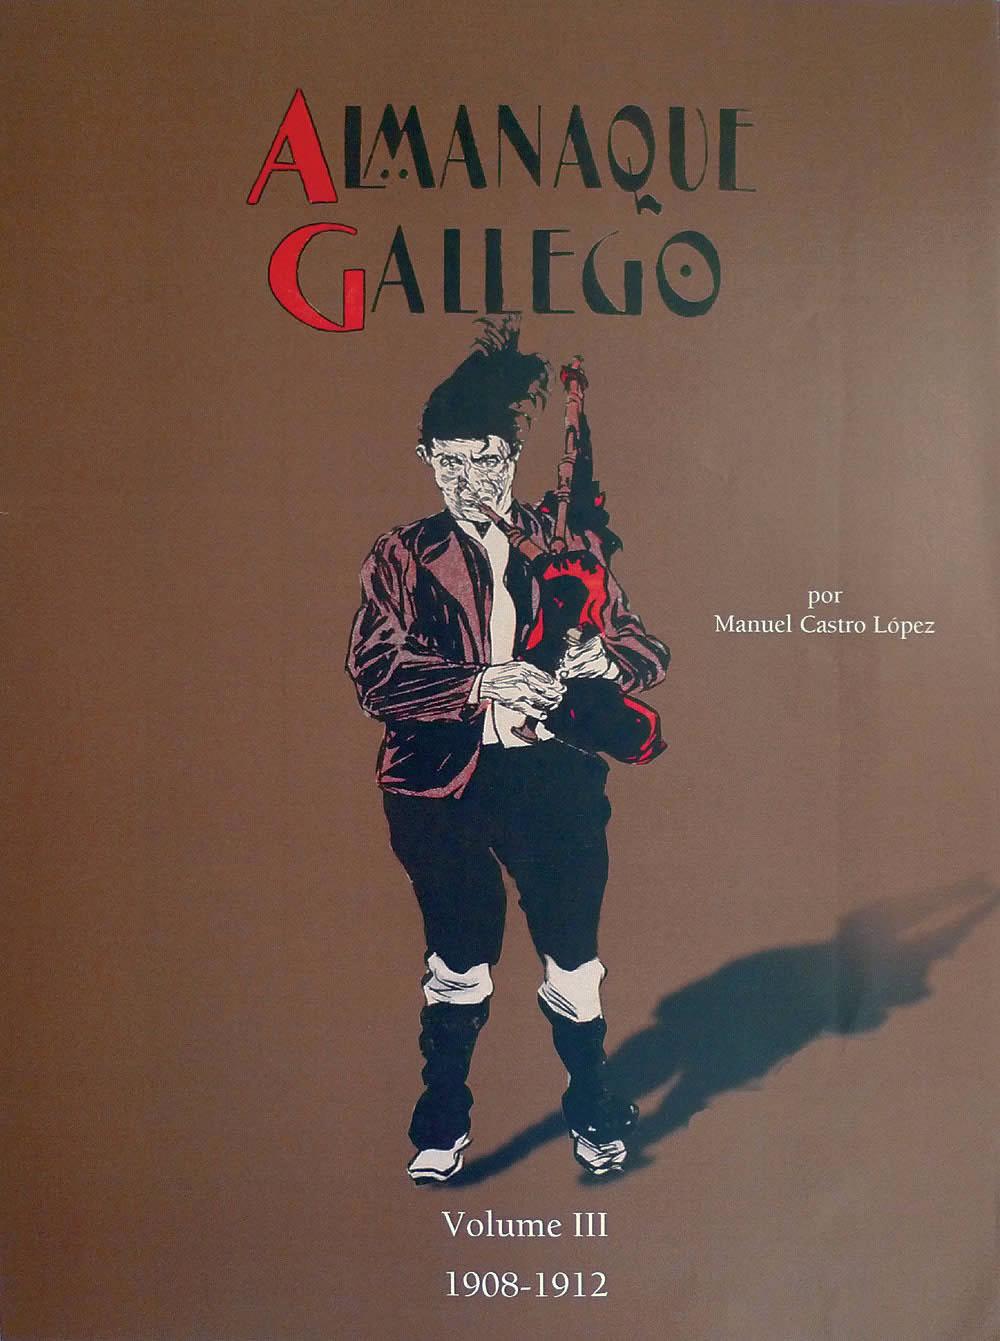 Portada de  Almanaque gallego por Manuel Castro López (Volume III: 1908-1912)